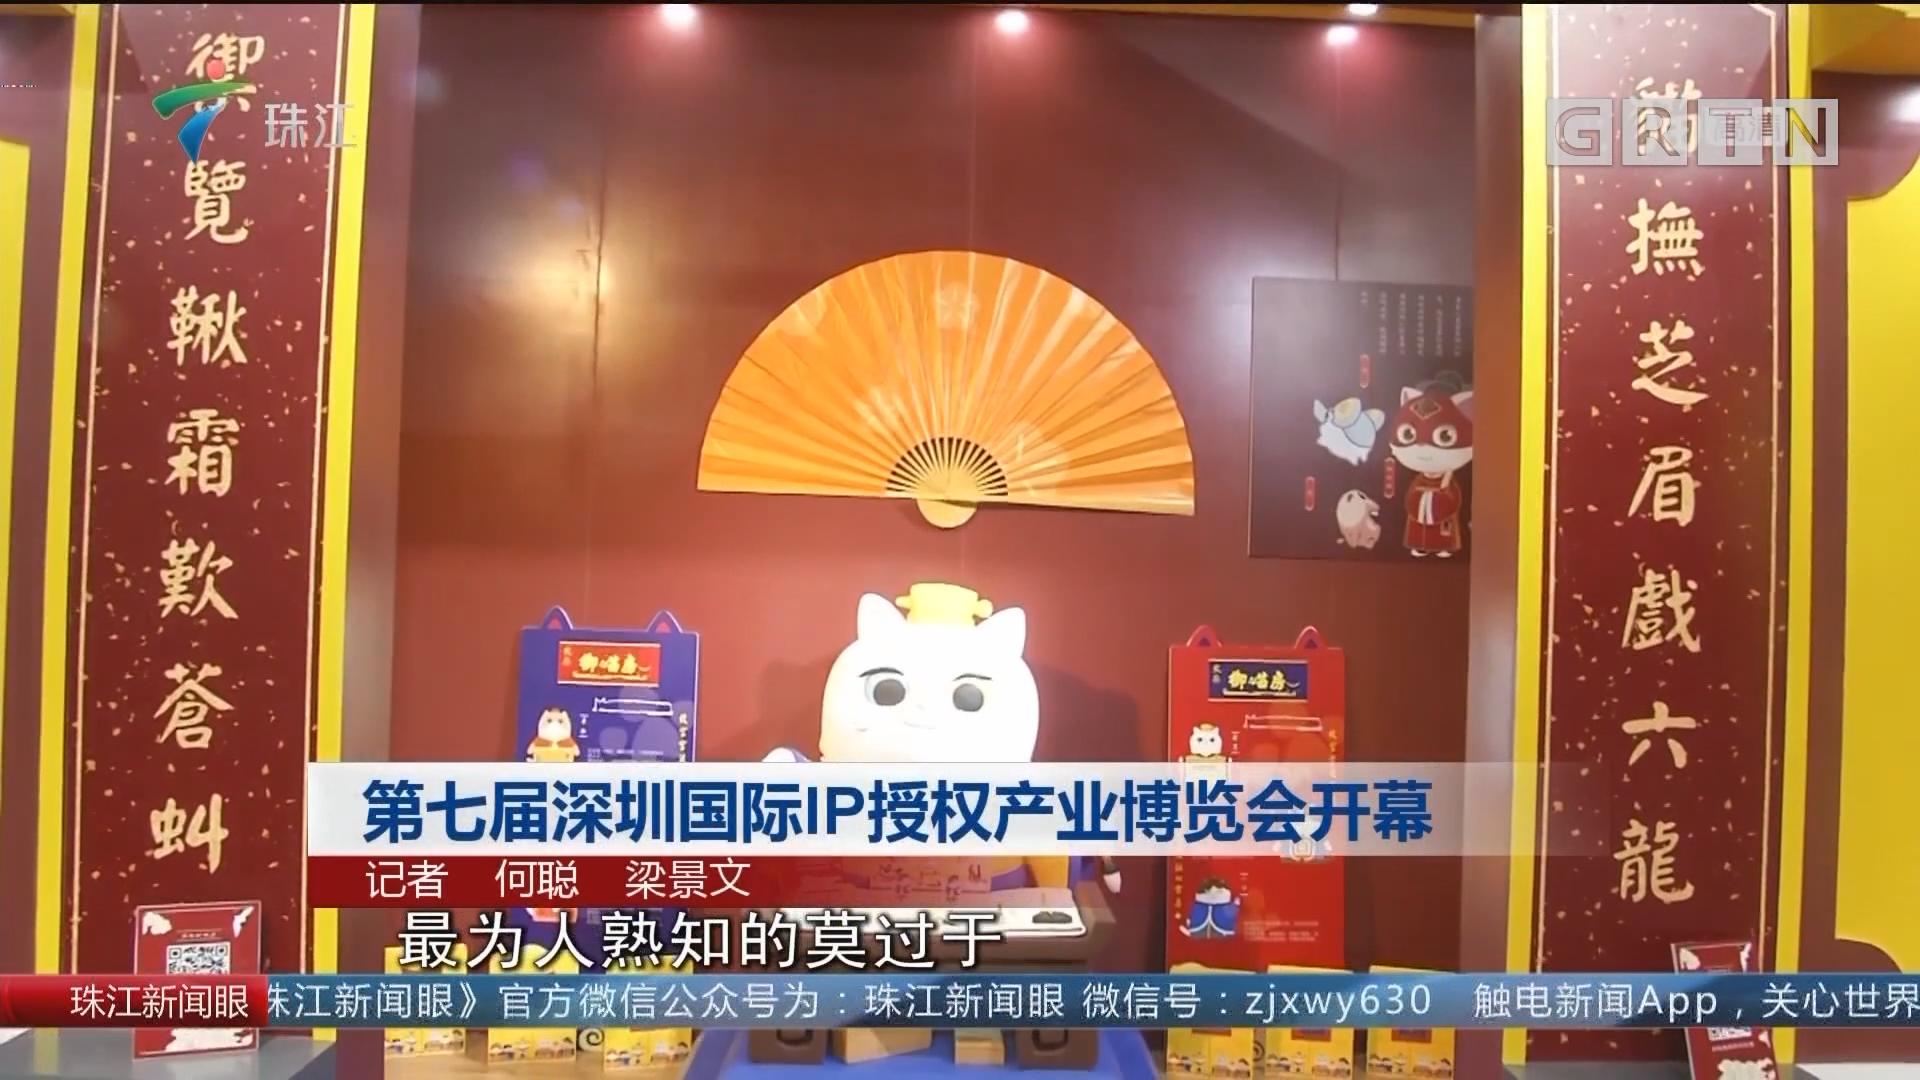 第七届深圳国际IP授权产业博览会开幕